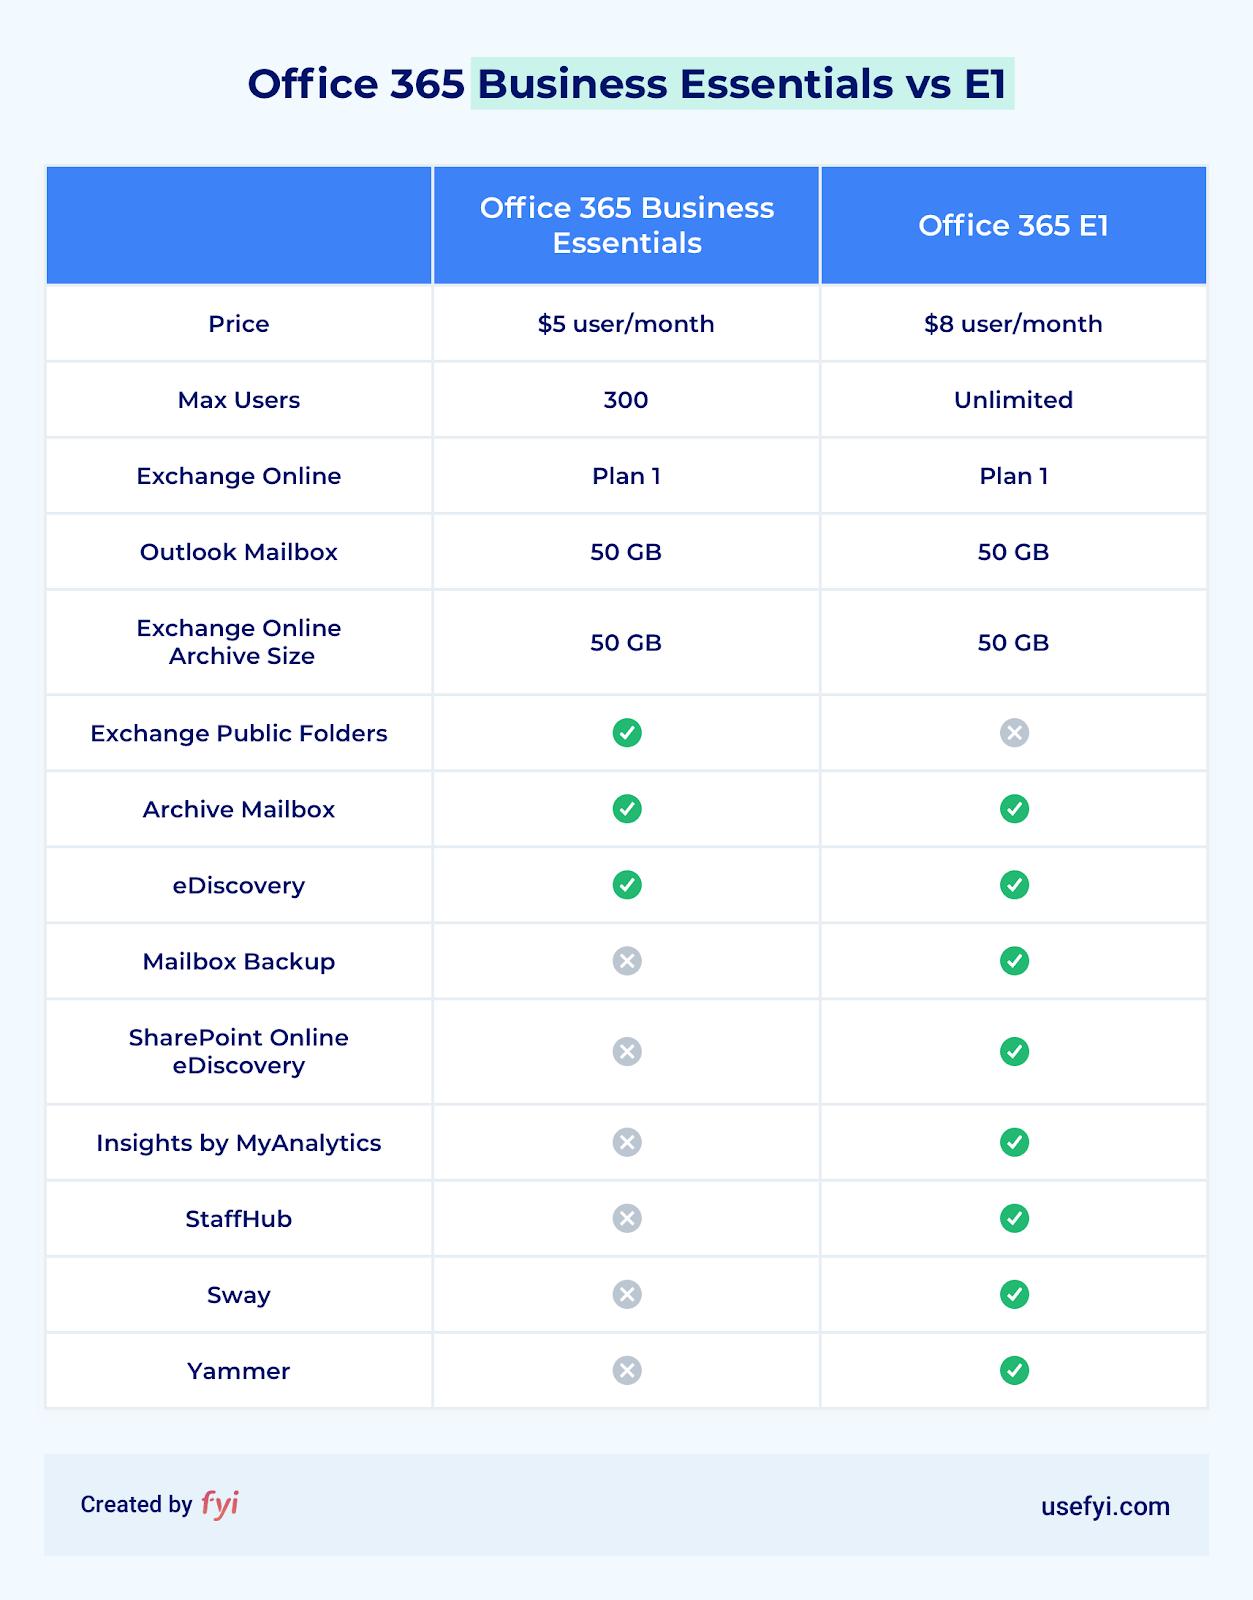 office 365 business essentials vs e1 comparison